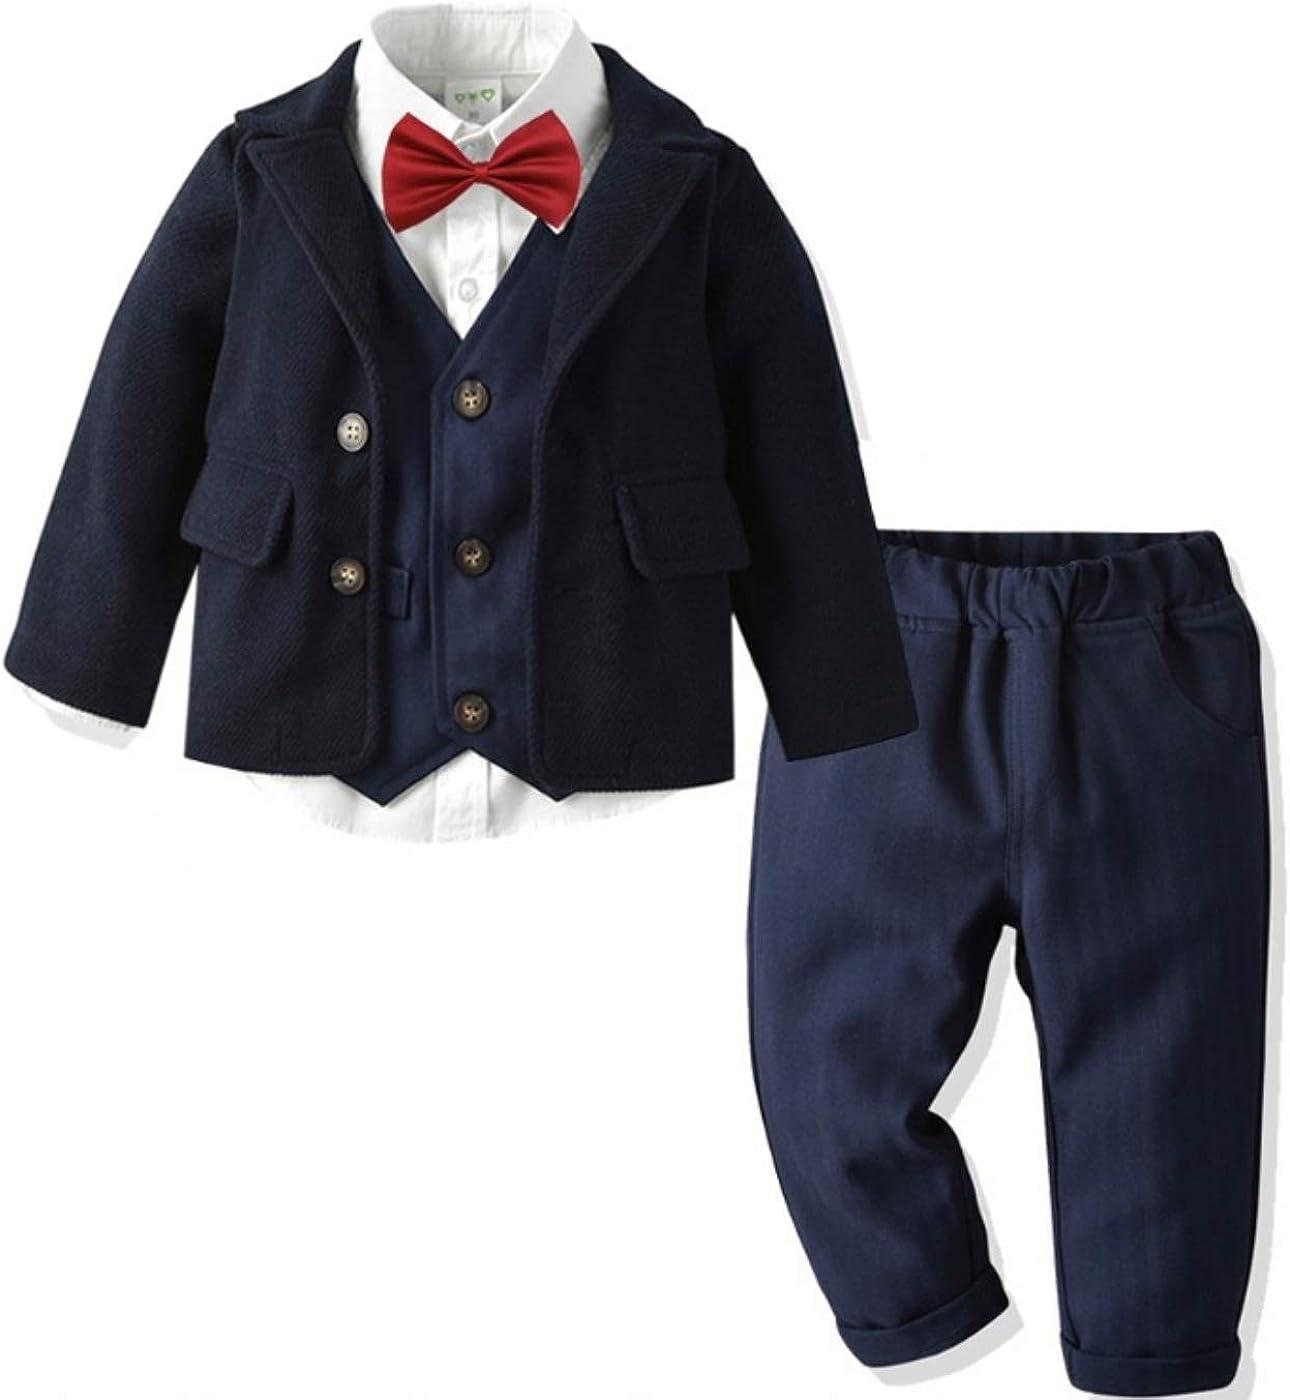 Little Boys Gentleman 5PC Clothes Outfit Set, Black Coat + White Shirt + Red Tie + Dark Blue Vest + Dark Blue Pants